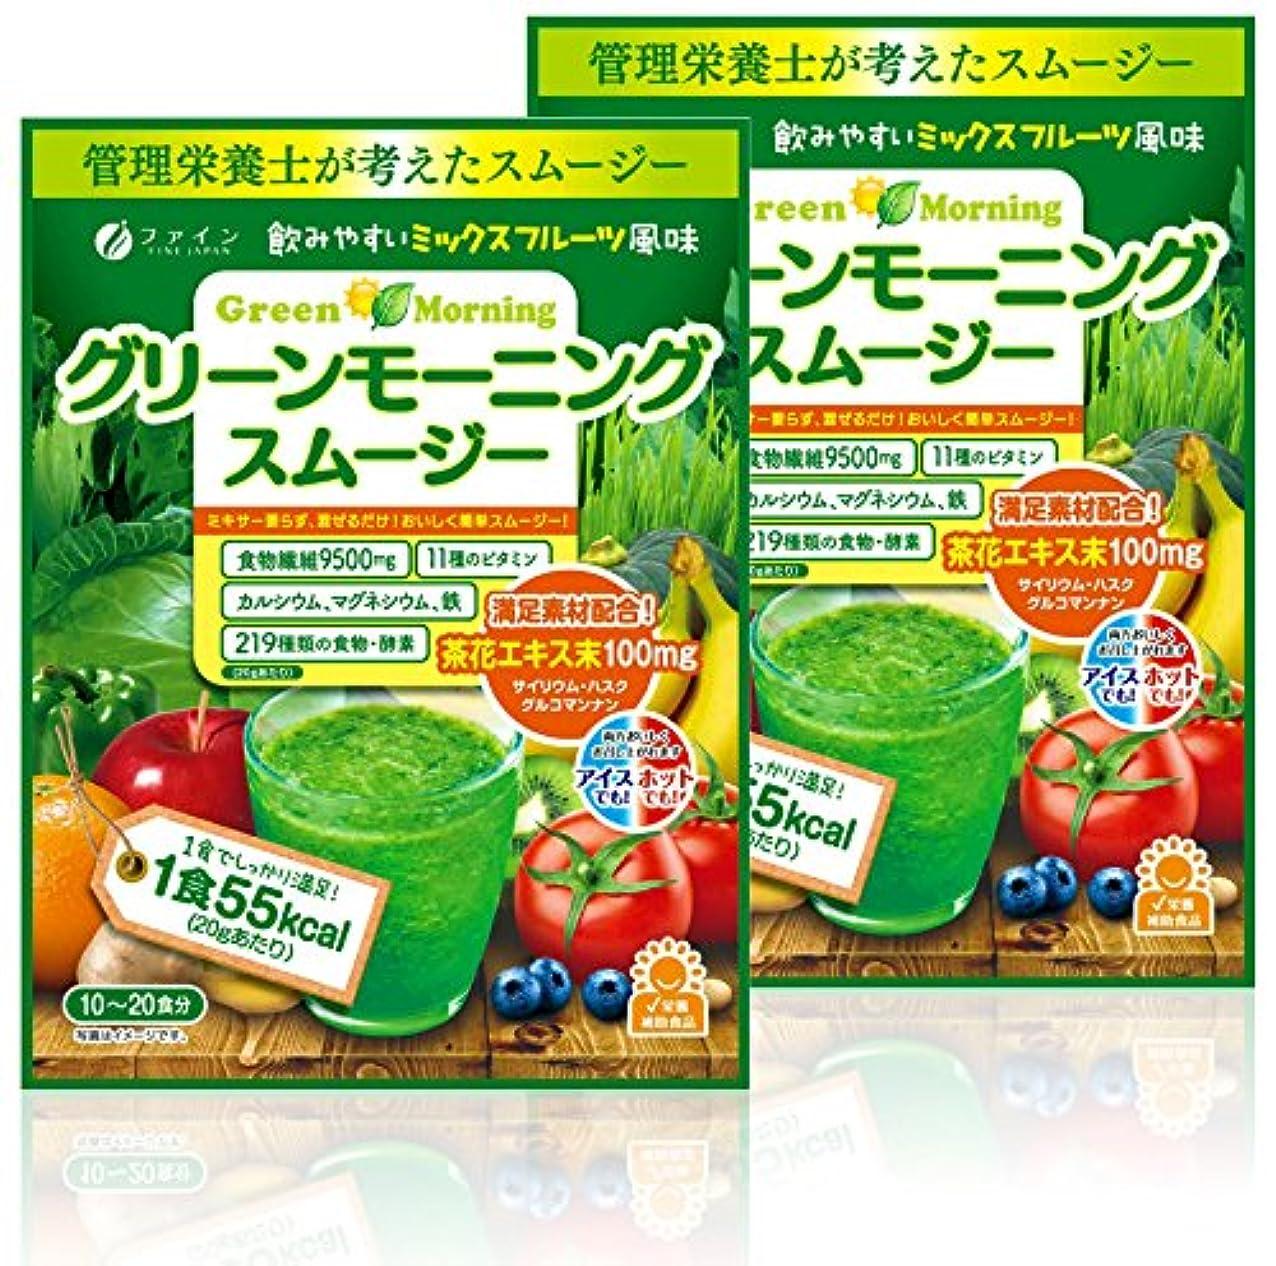 知り合いになる配管パイファイン グリーンモーニングスムージー 食物繊維9.5g 植物酵素配合 (200g入)×2袋セット